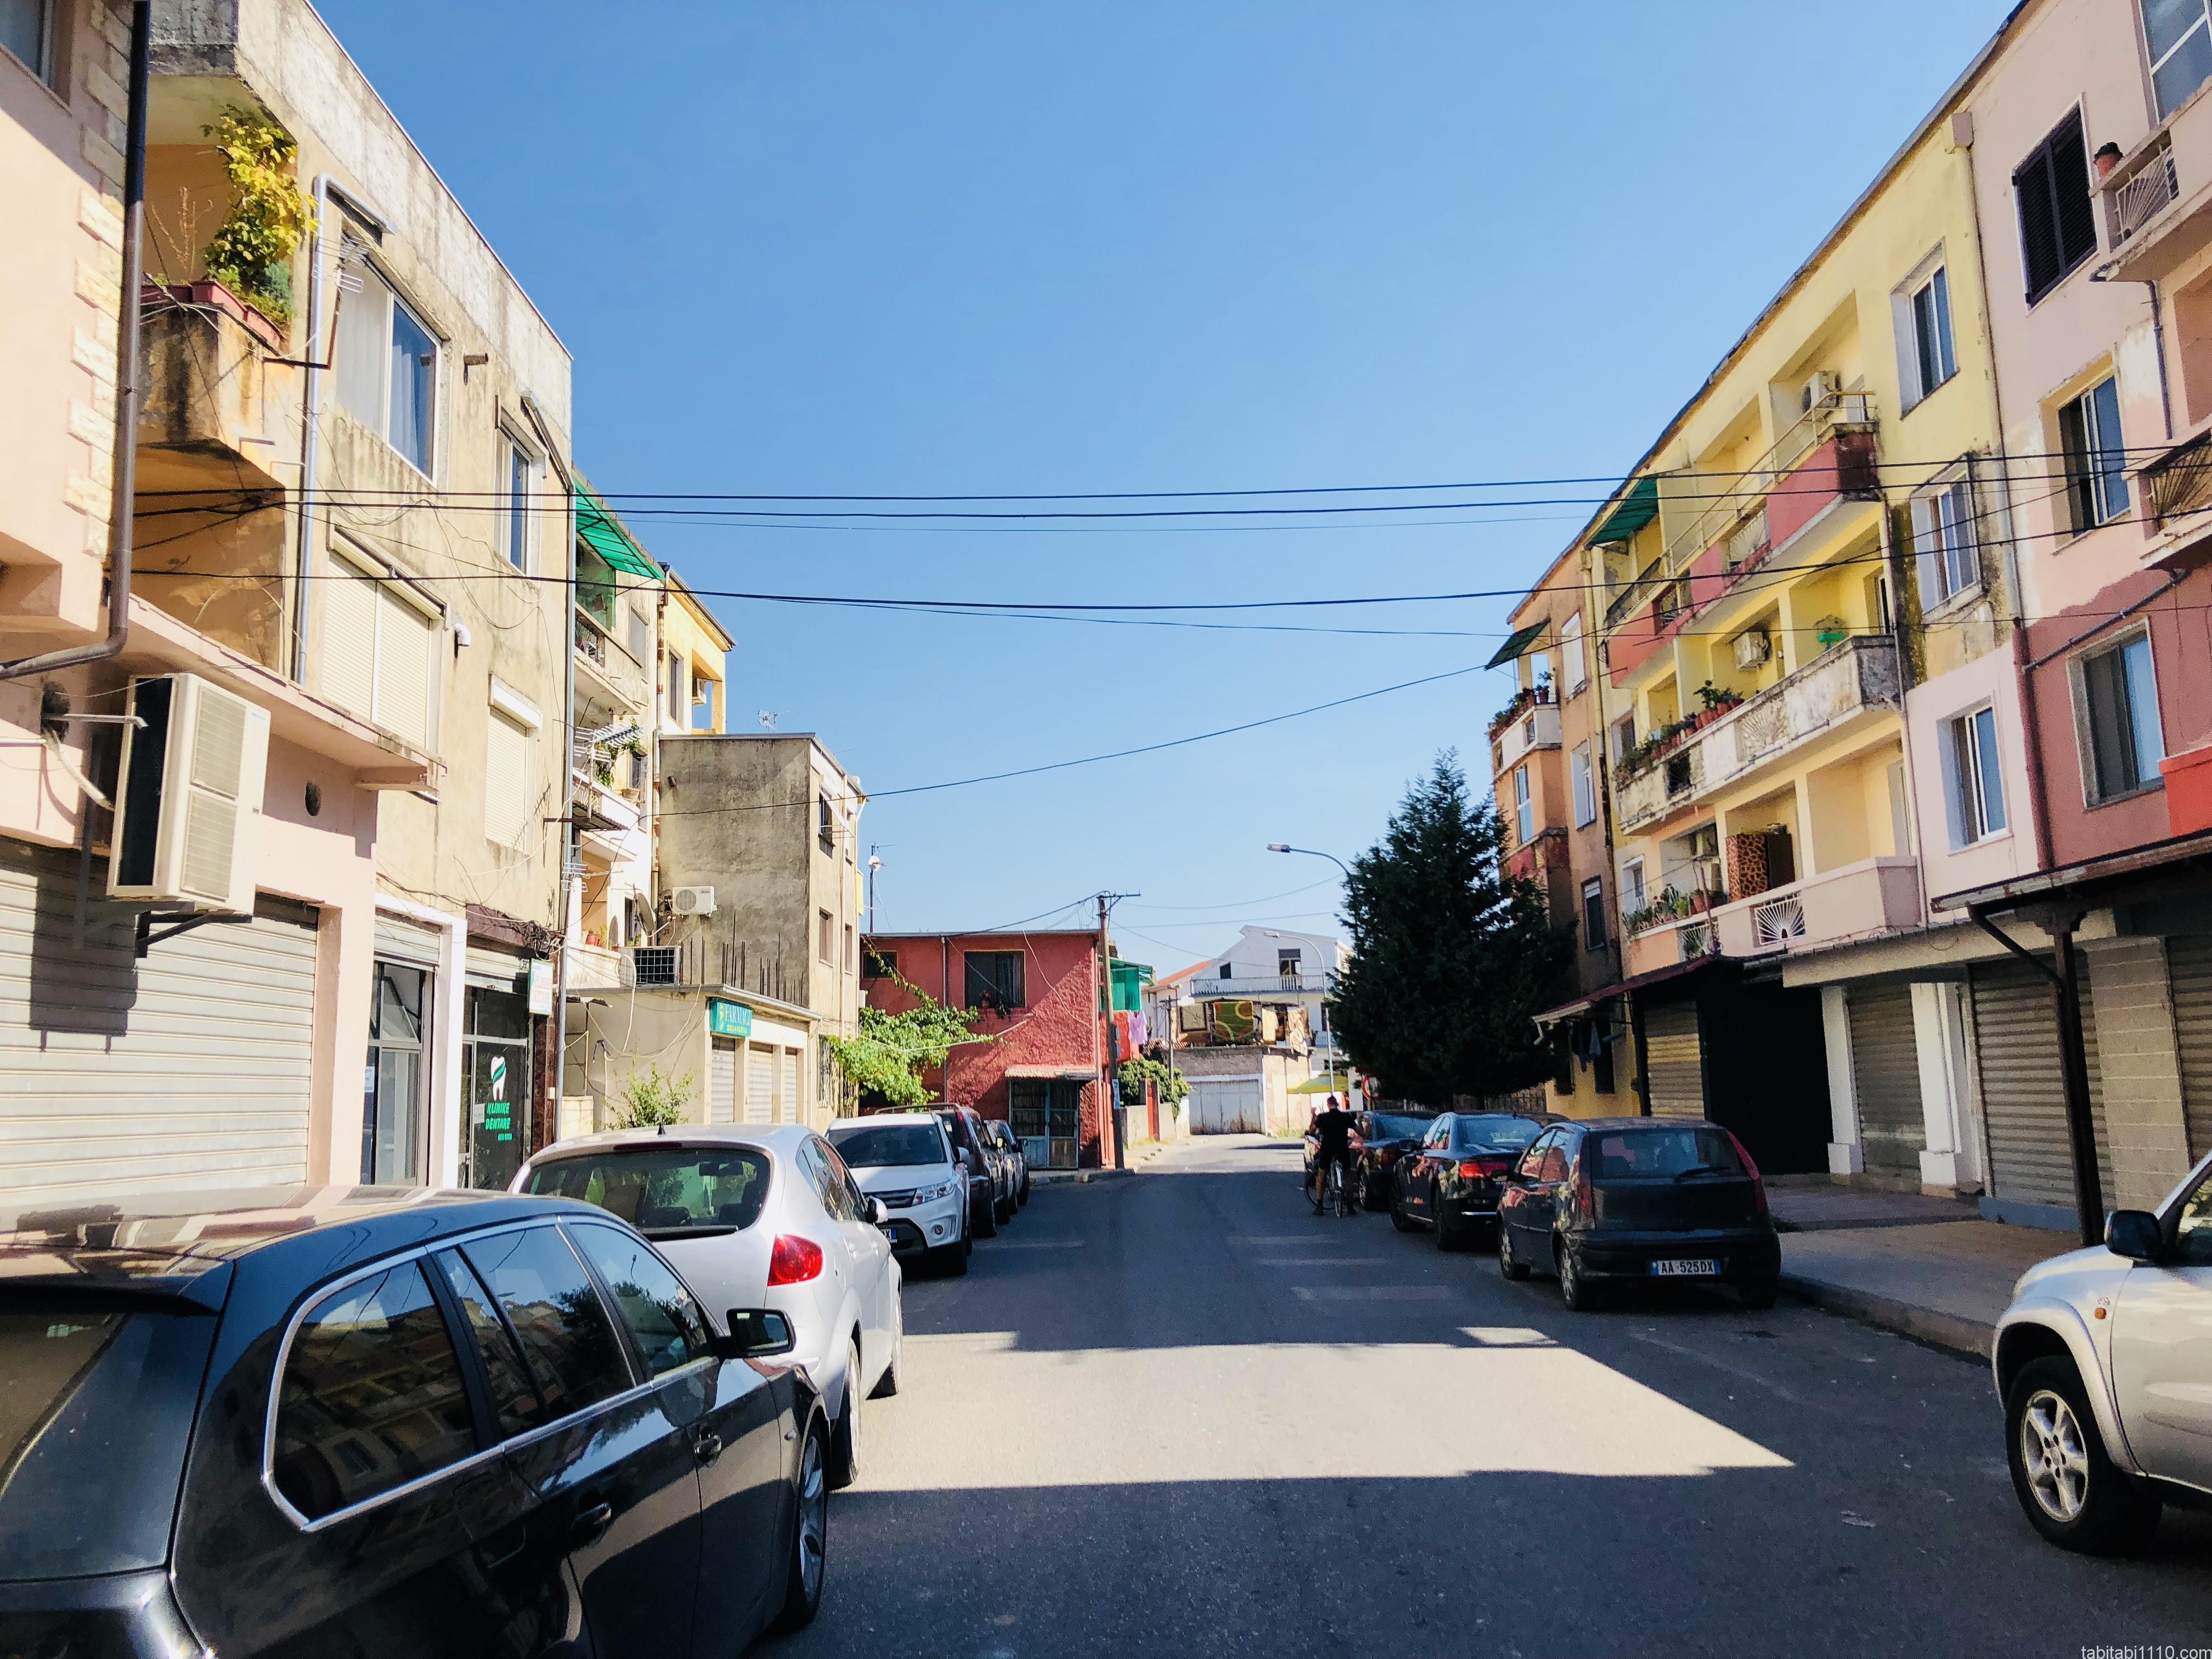 シュコドラの街並み